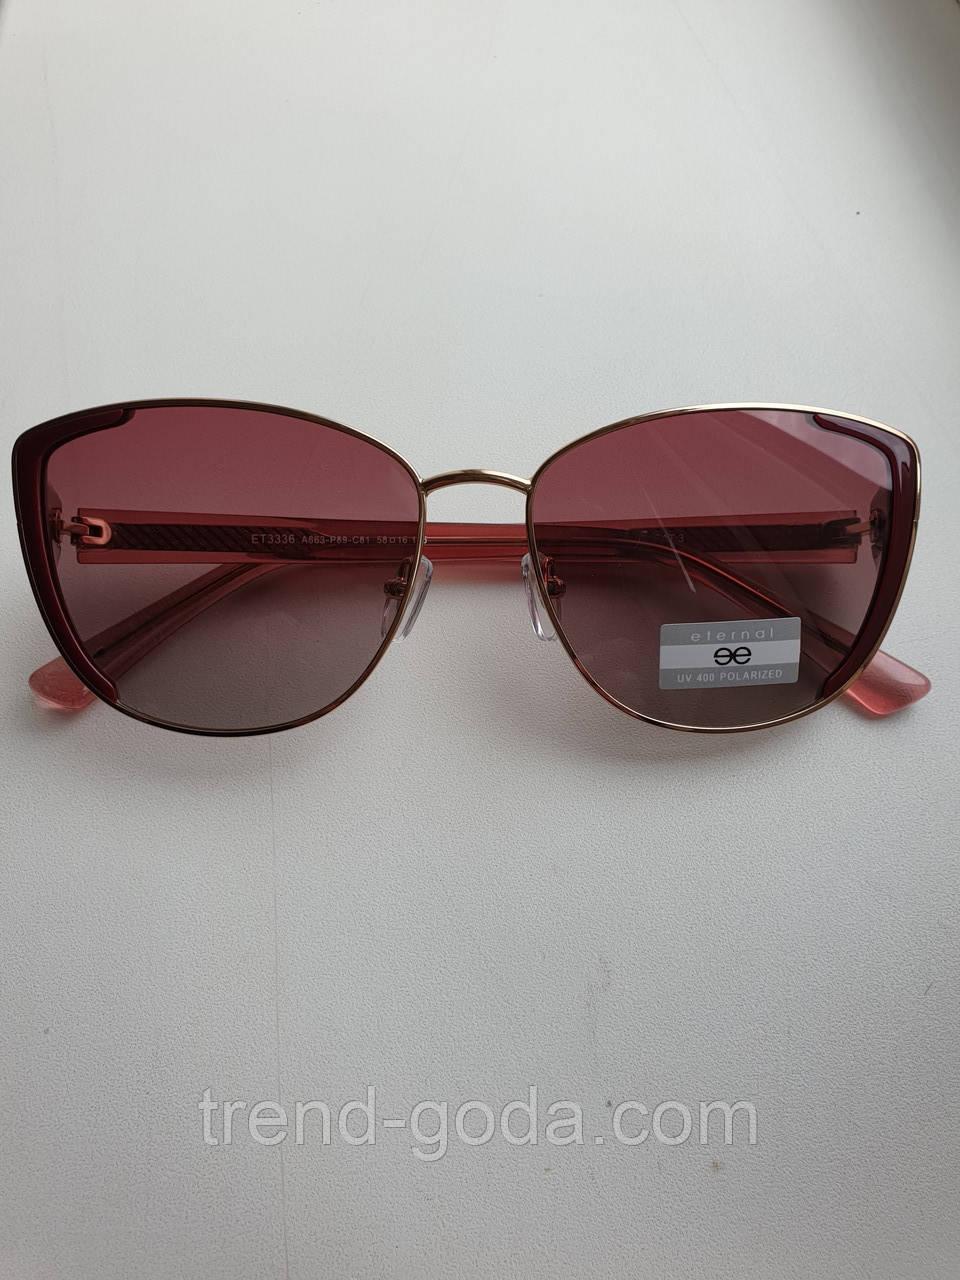 Женские солнцезащитные очки кошечки бордово-розовые с градиентом,Eternal ЕТ3336